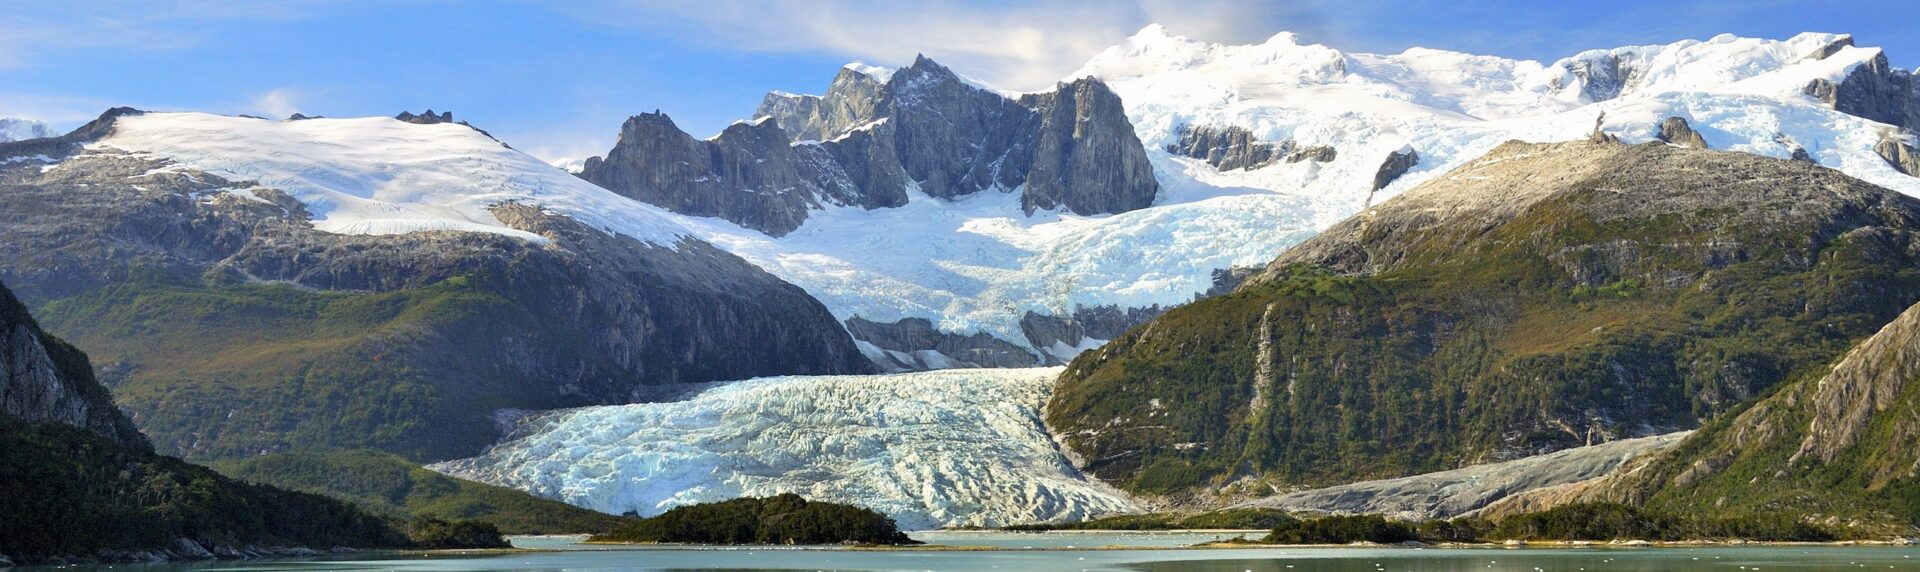 Chili Reizen Cruise Patagonie Pano1